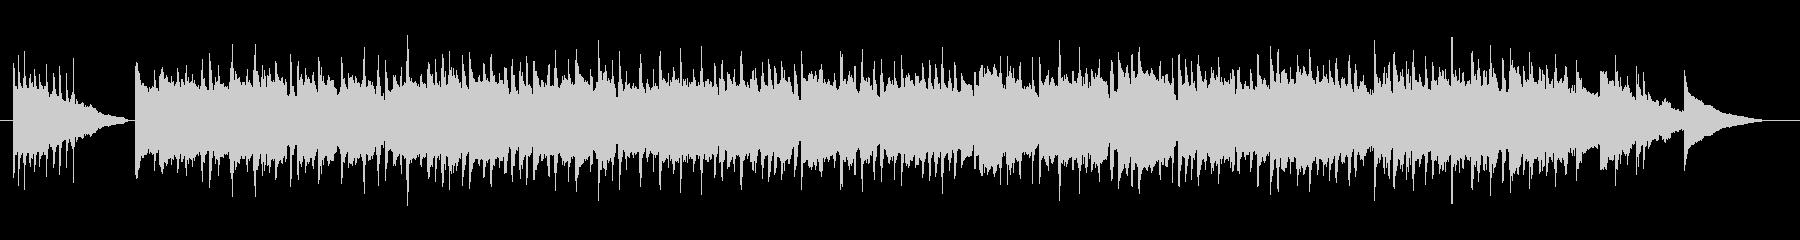 別れのピアノワルツ曲の未再生の波形